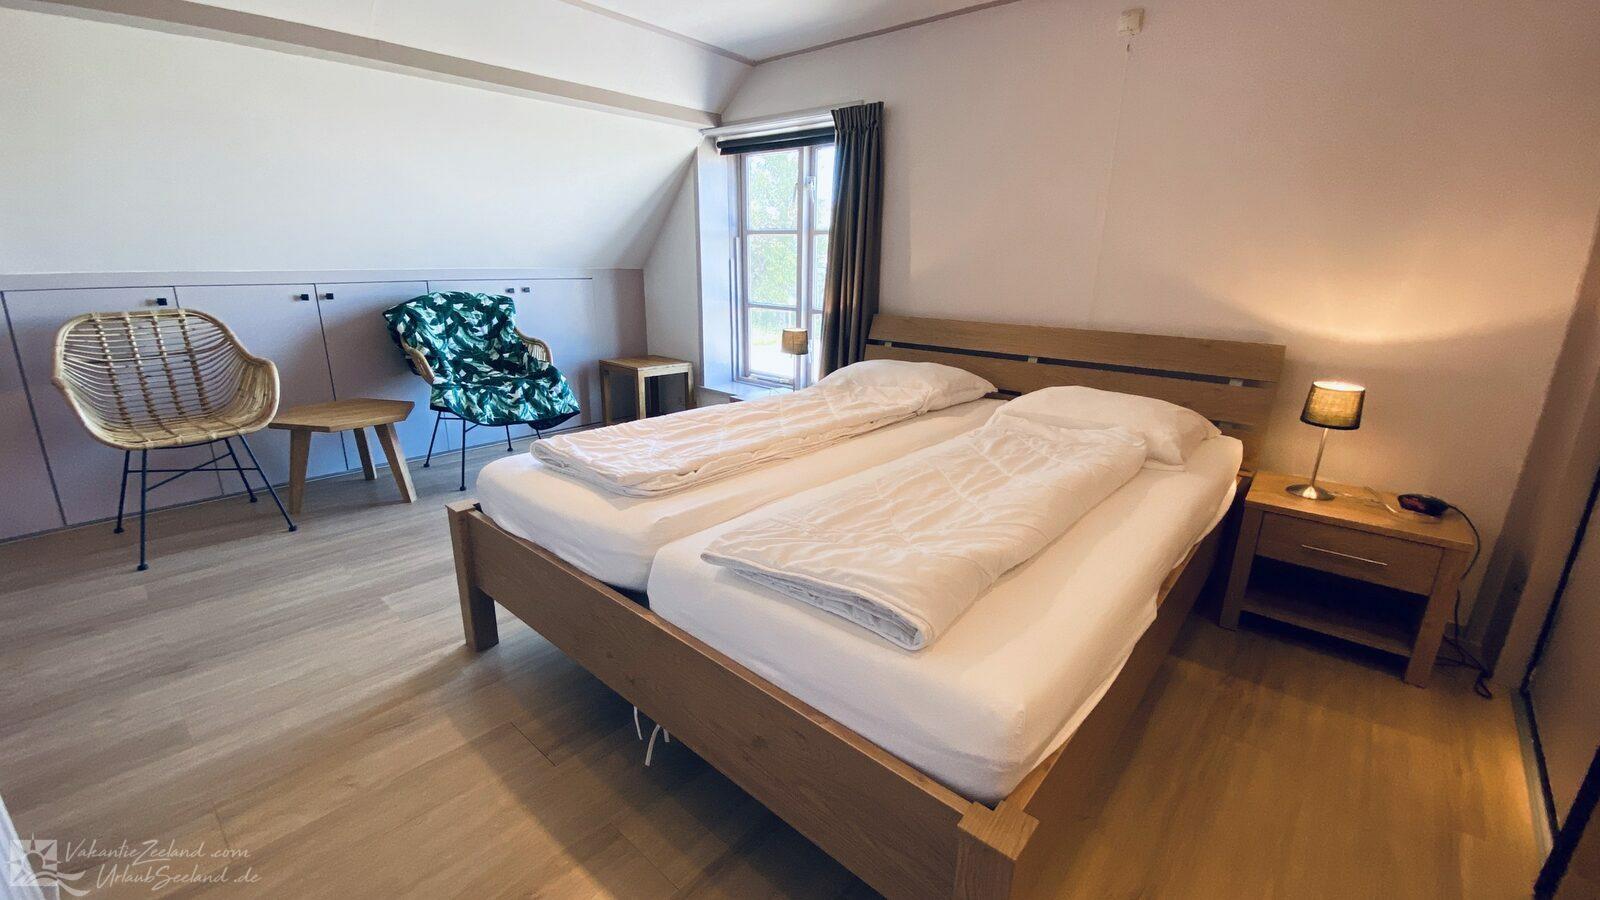 VZ161 Ferienhaus in Vrouwenpolder